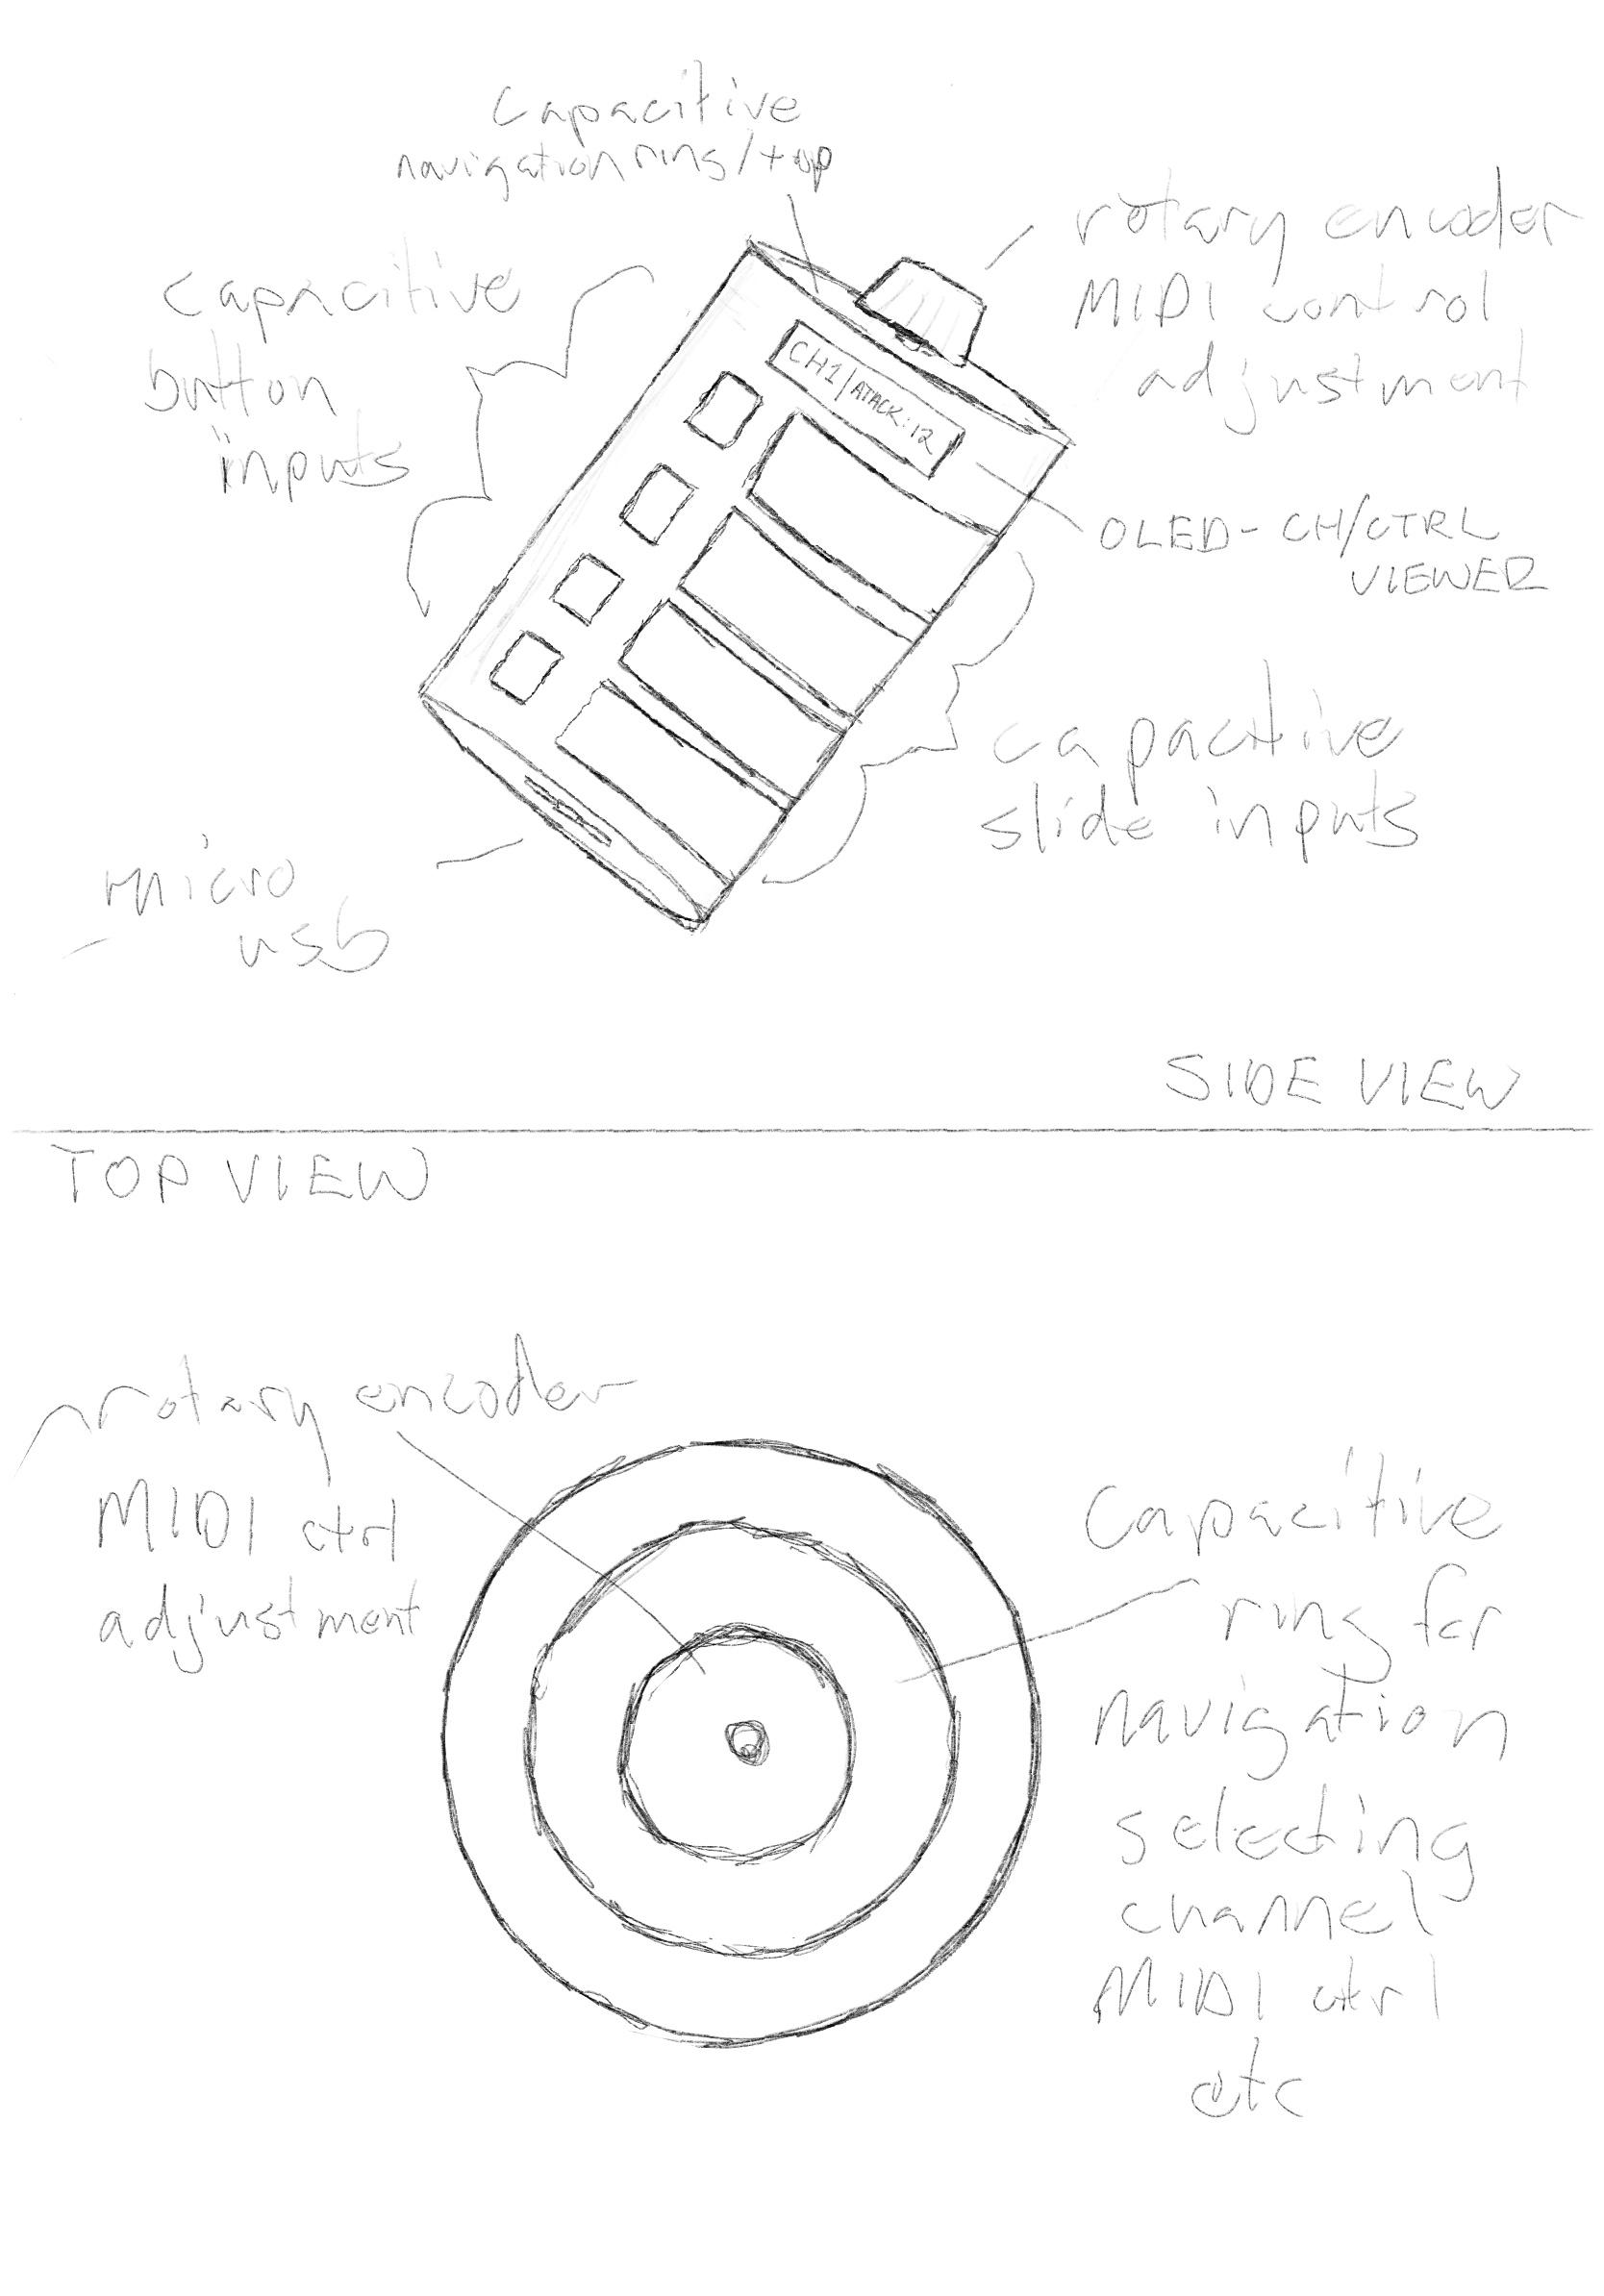 Instrument sketch